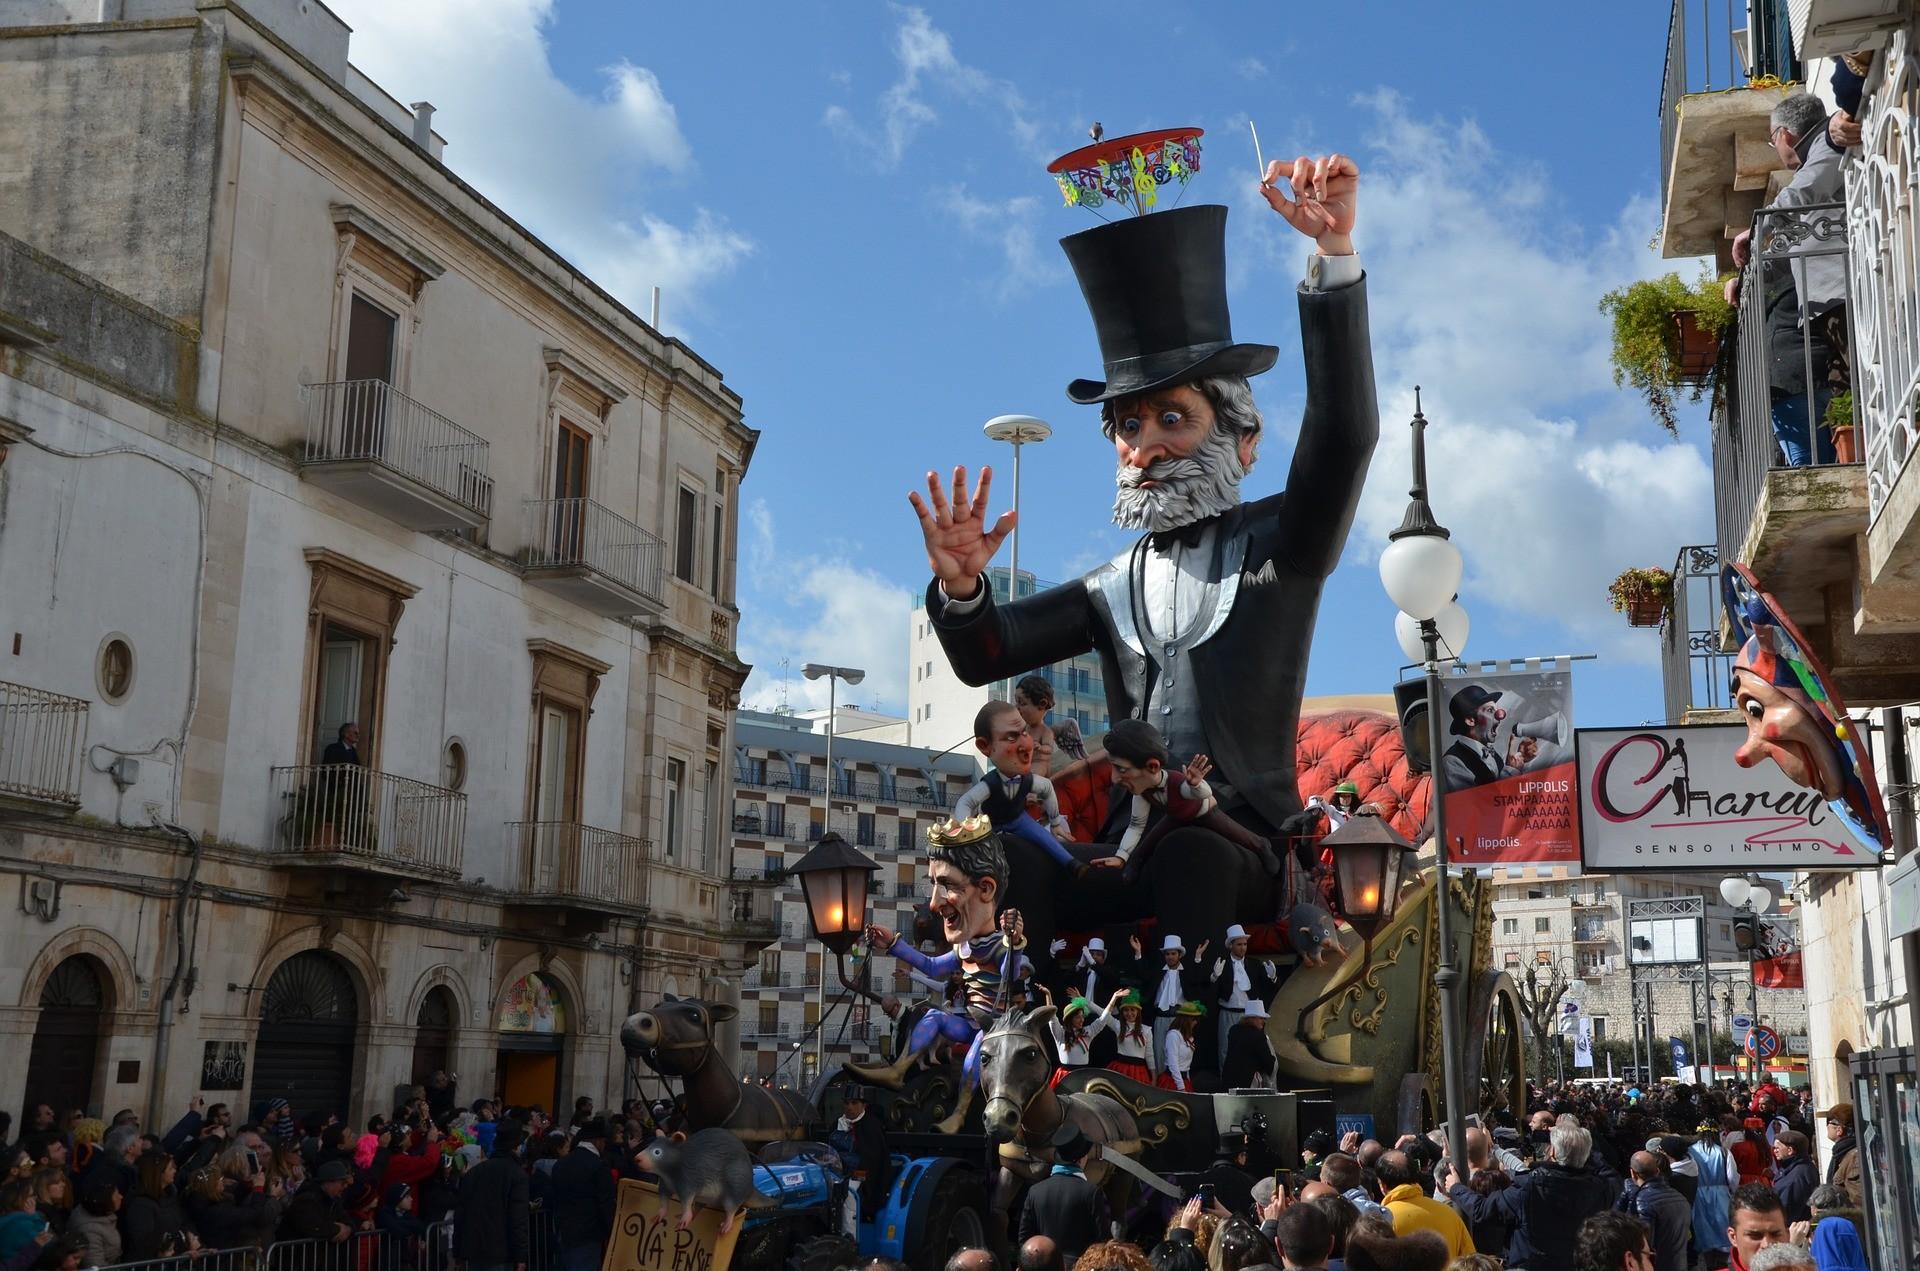 Le destinazioni da raggiungere (in Italia e in Europa) per il carnevale 2020